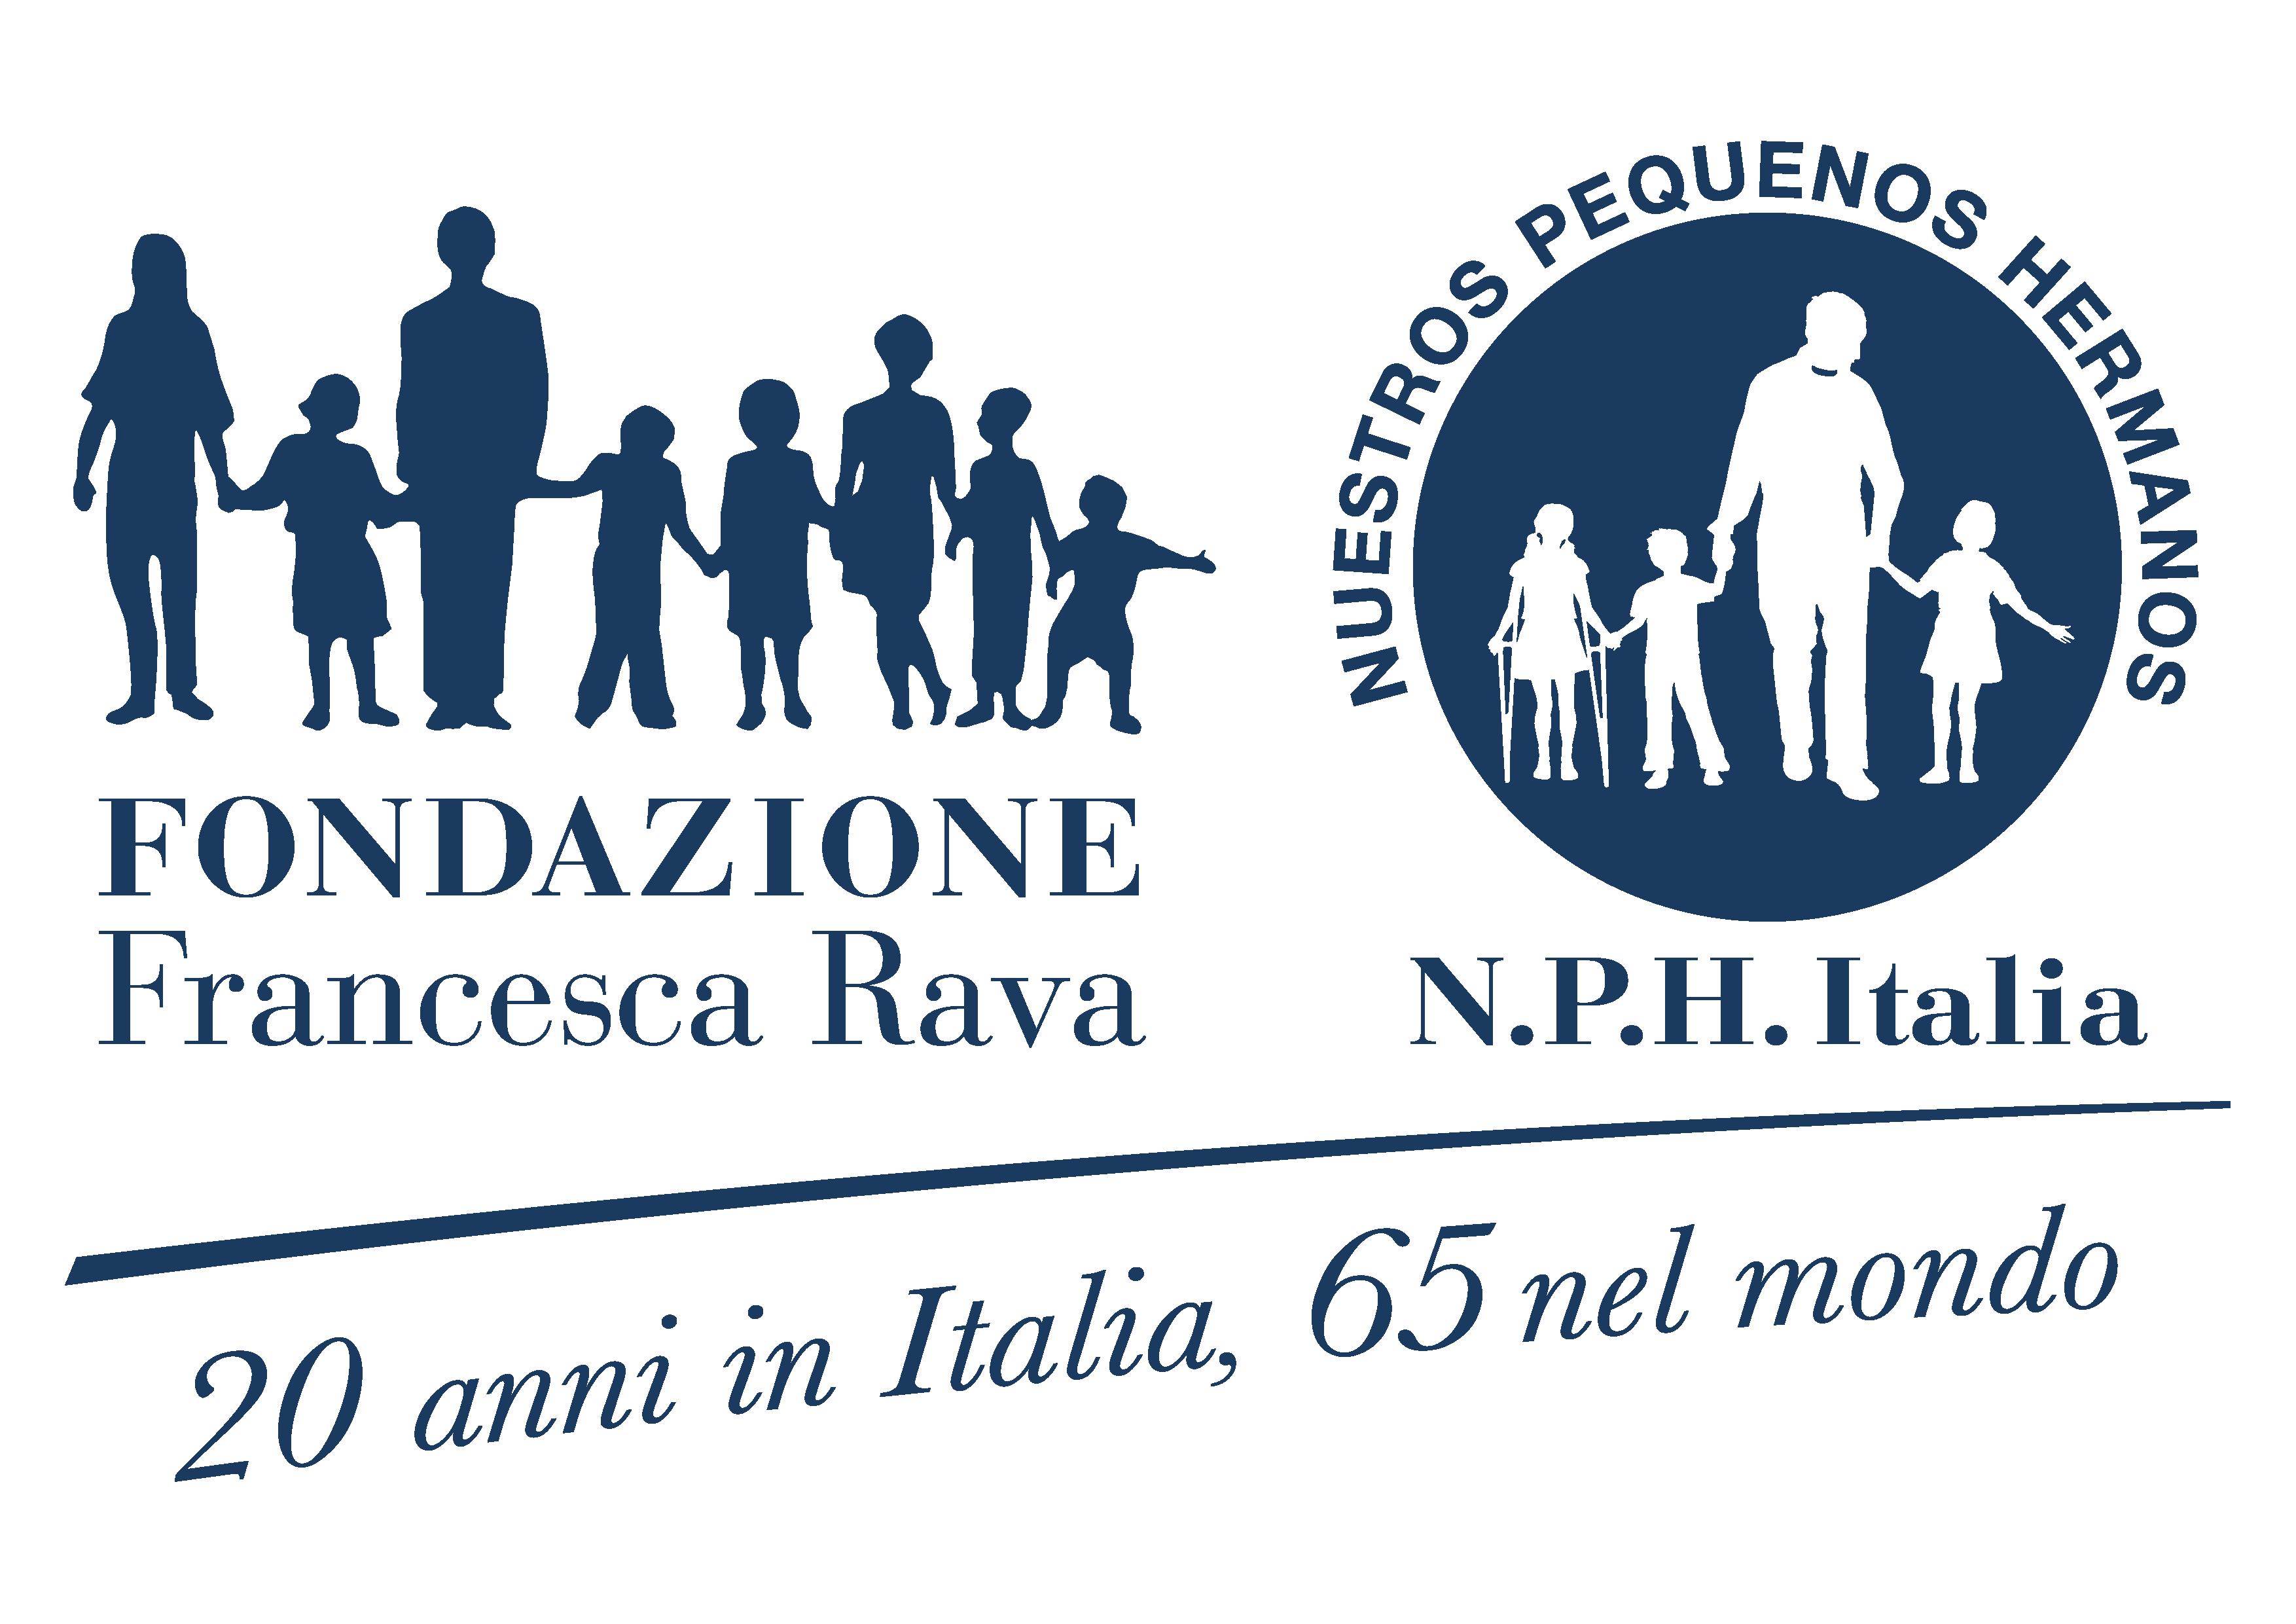 Regali Solidali - Fondazione Francesca Rava